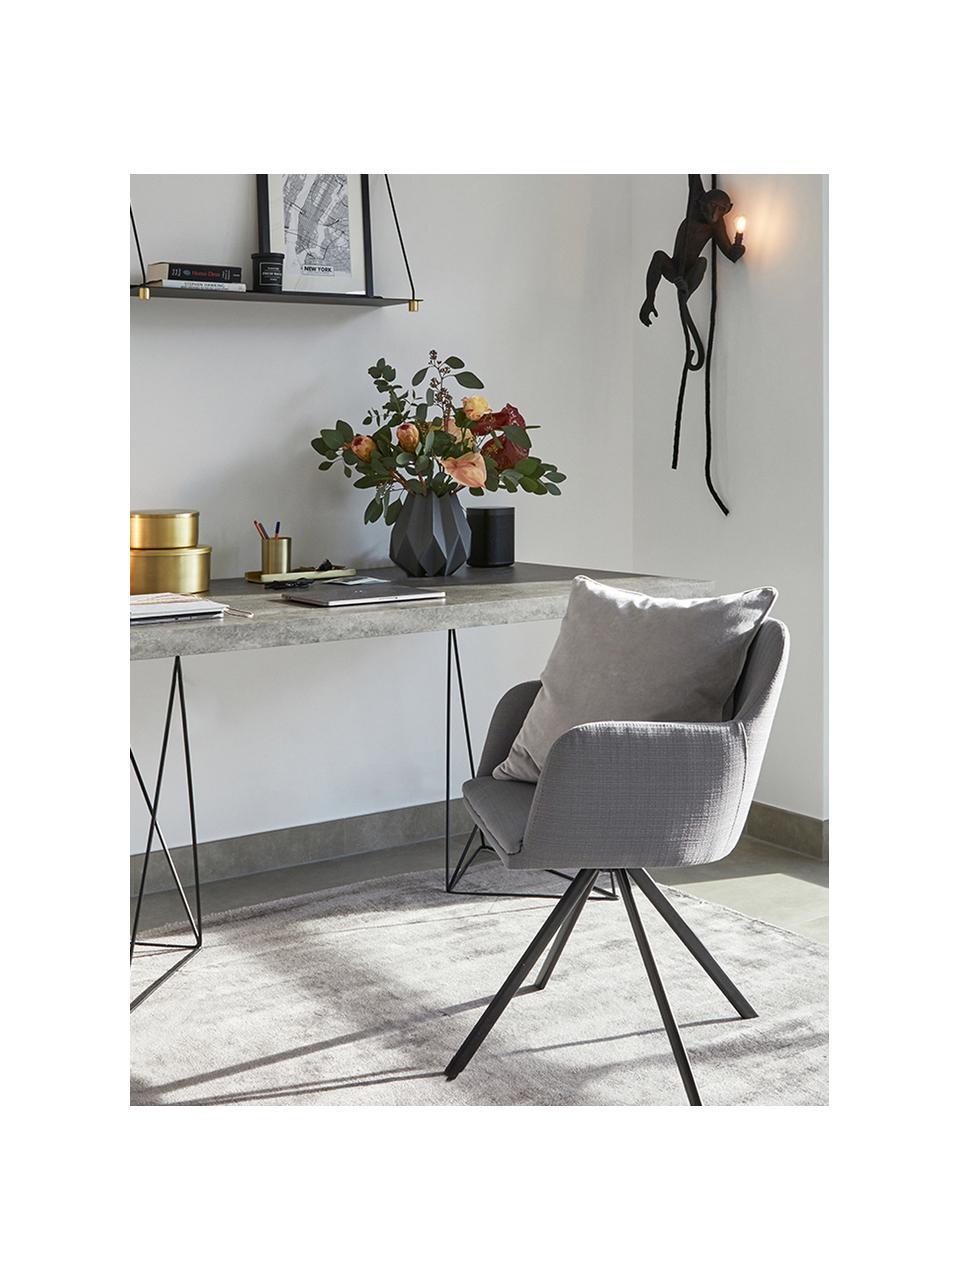 Tapicerowane krzesło z podłokietnikami Lola, obrotowe, Tapicerka: poliester, Nogi: metal malowany proszkowo, Szary, czarny, S 55 x G 52 cm